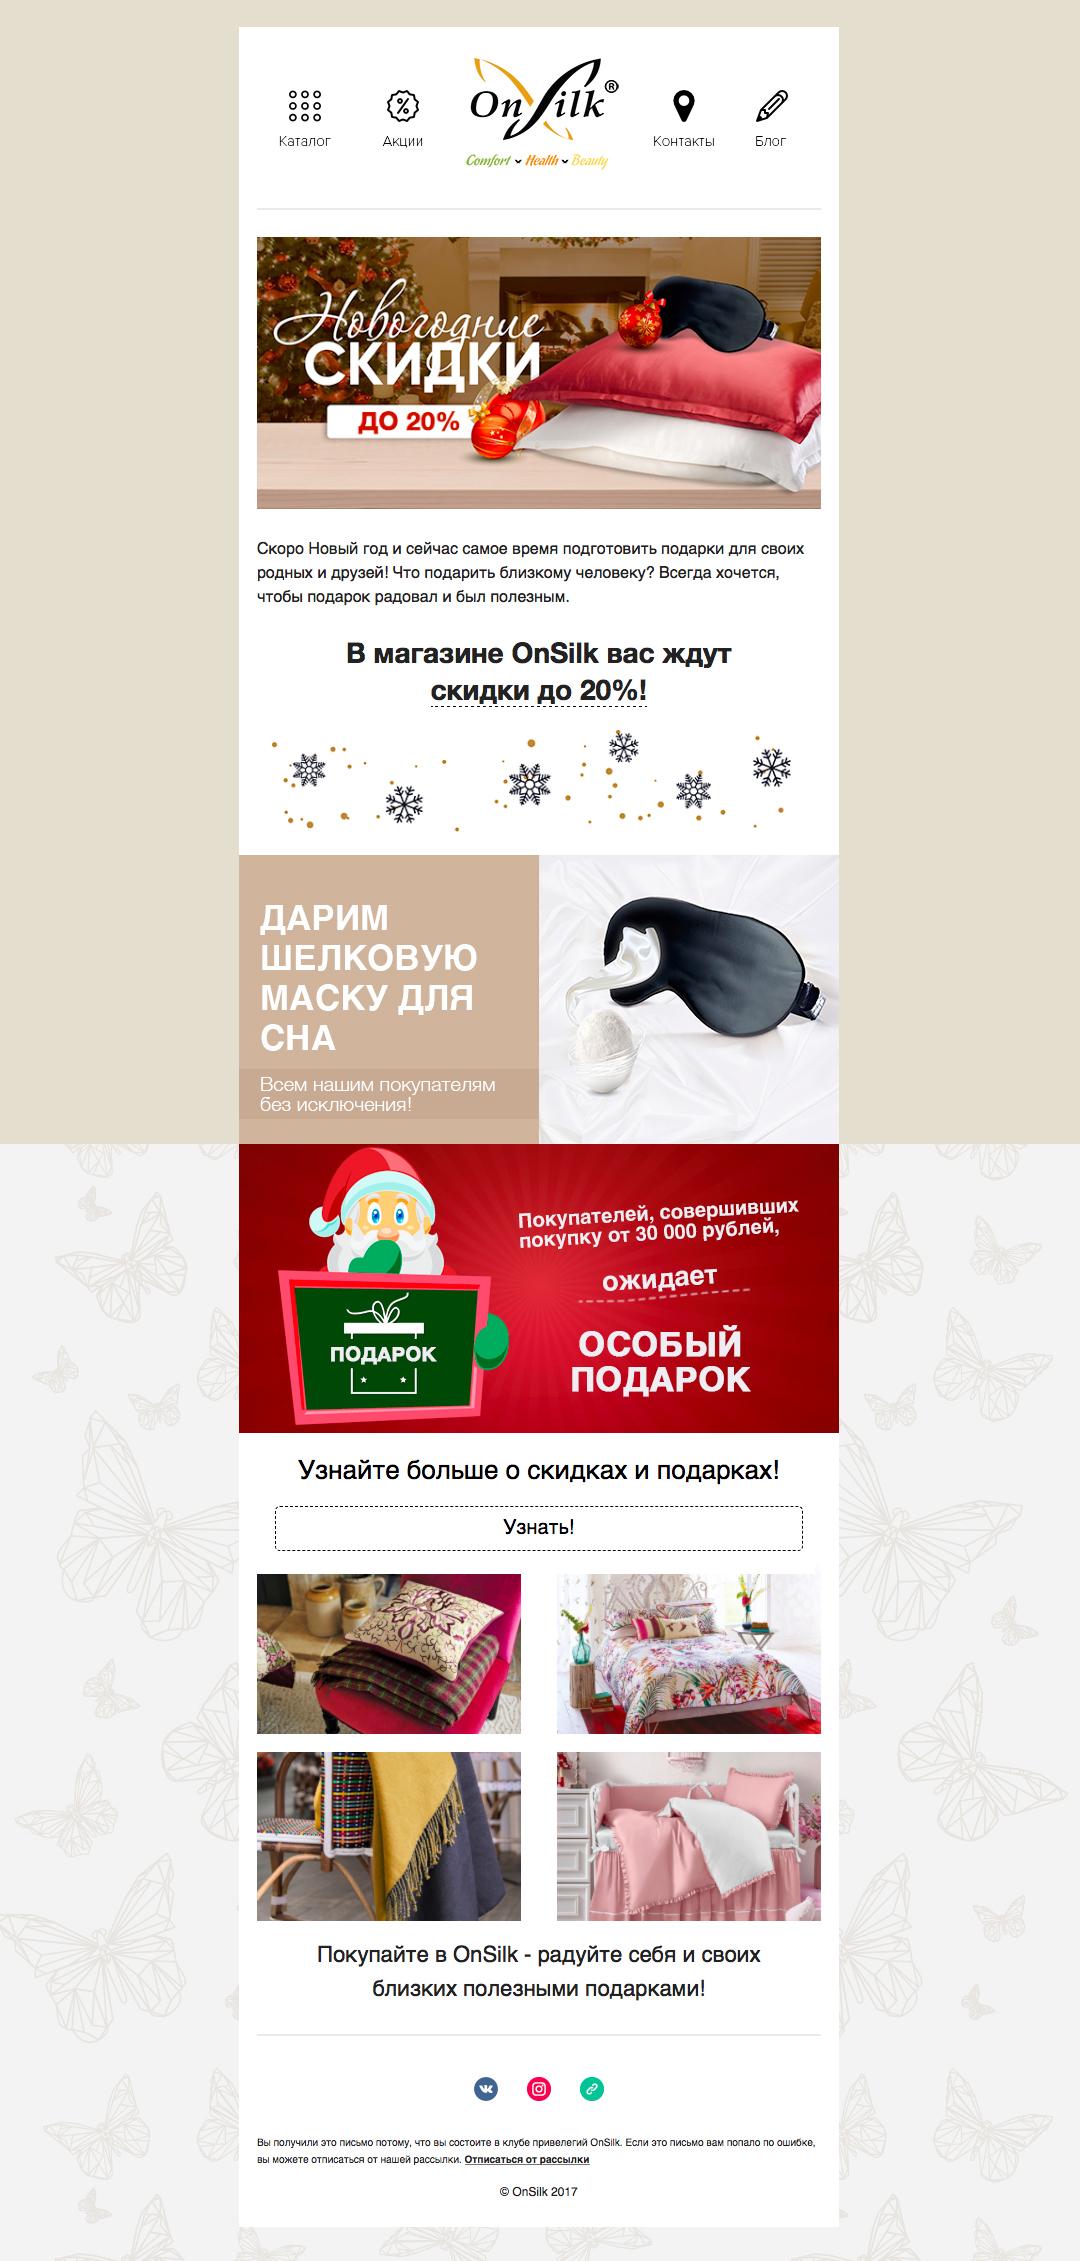 Требуется профессиональный дизайнер с навыками верстки email фото f_5575a3eee19b54d5.jpg